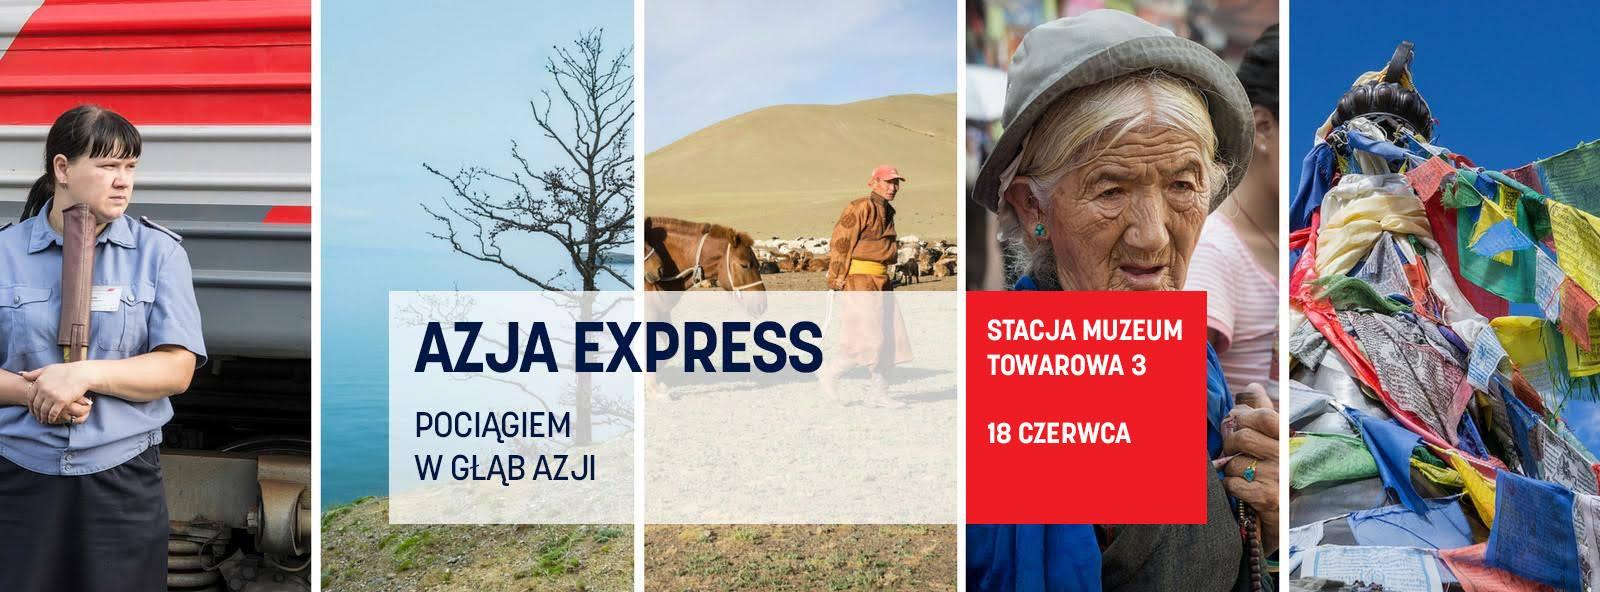 Spotkanie w muzeum Azja Express